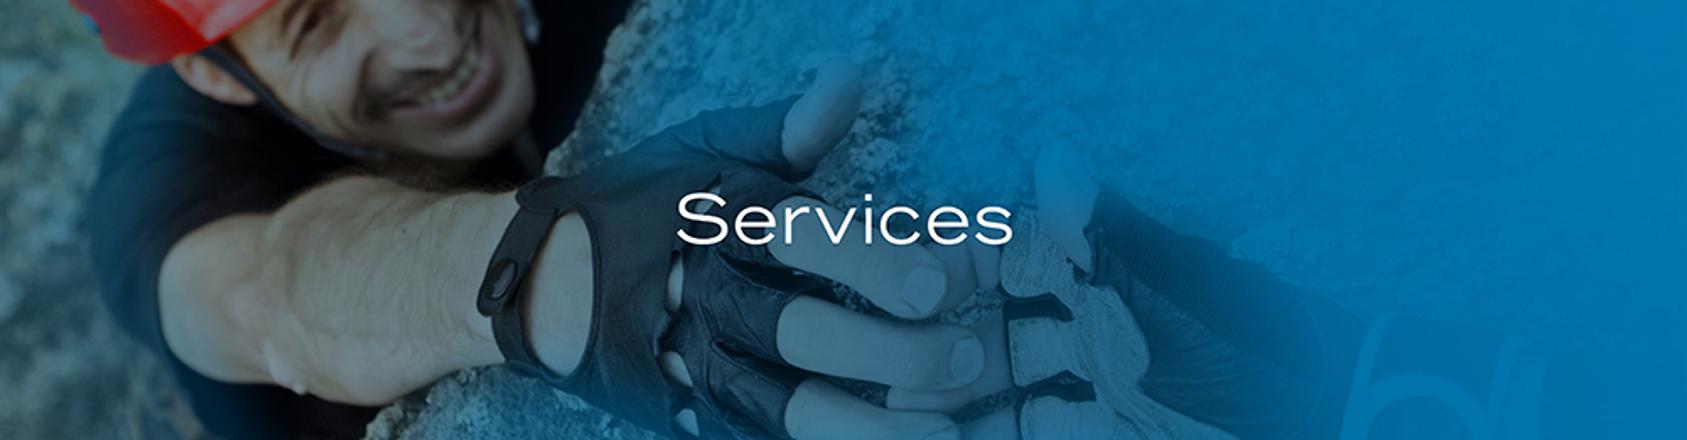 RefineM Services